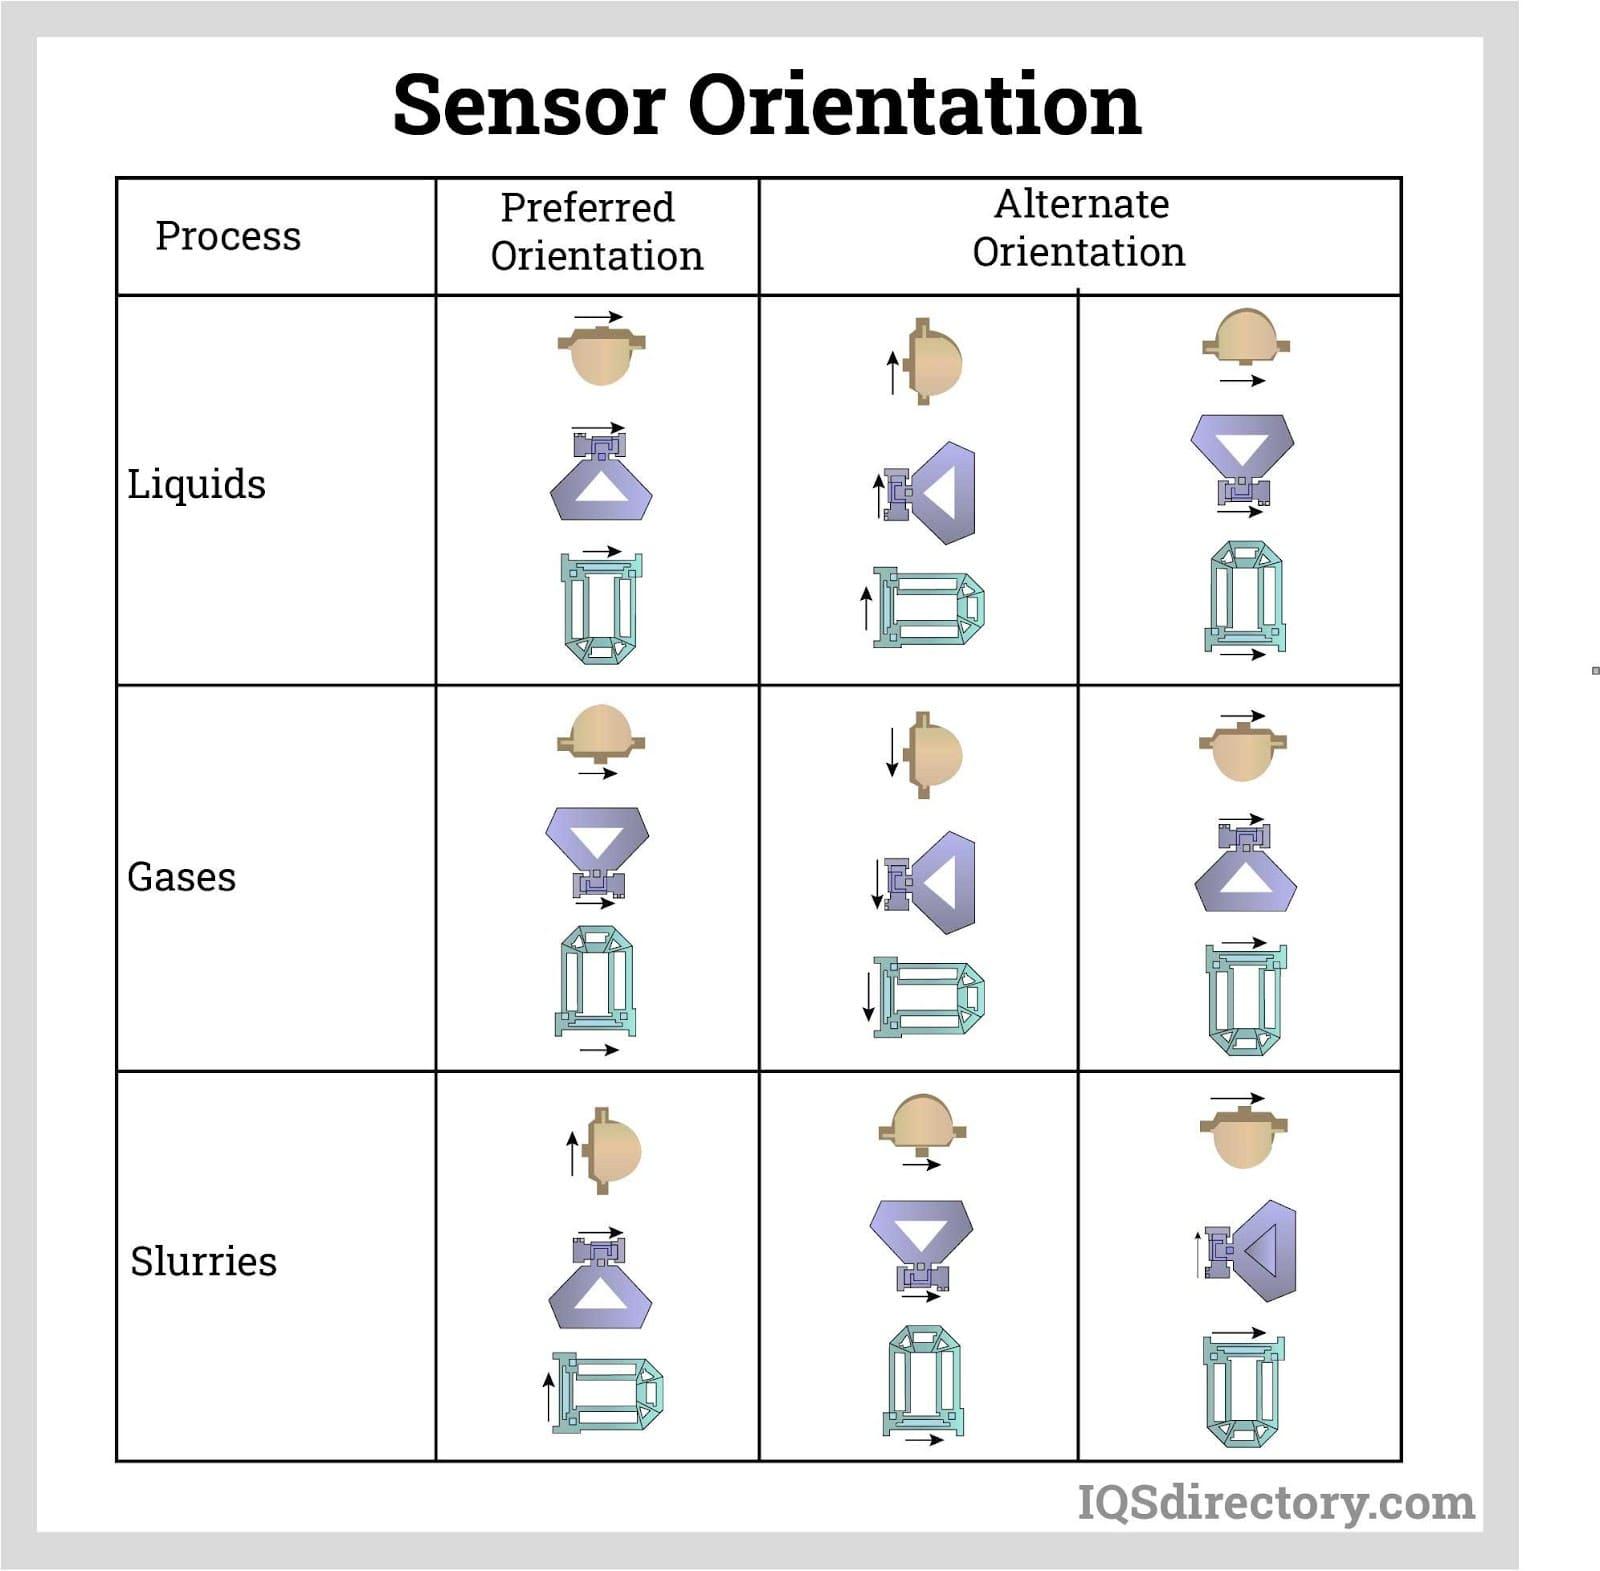 Sensor Orientation